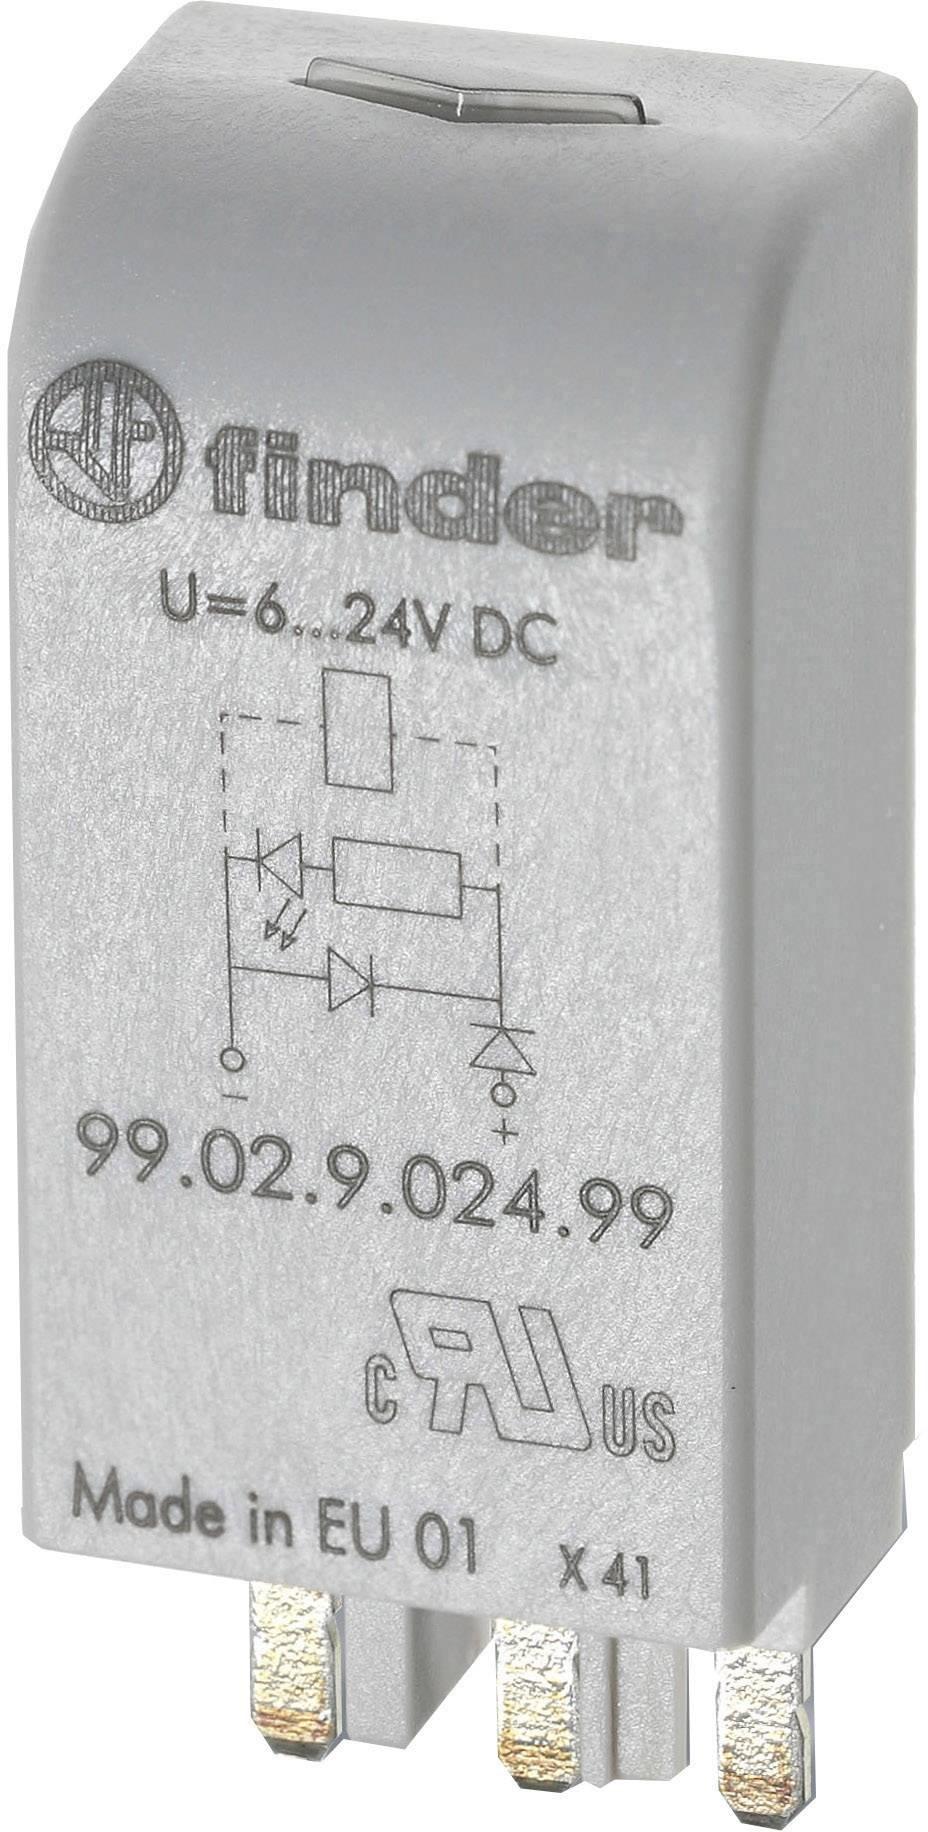 Odrušovací modul Finder 99.02.9.060.99, 28 - 60 V